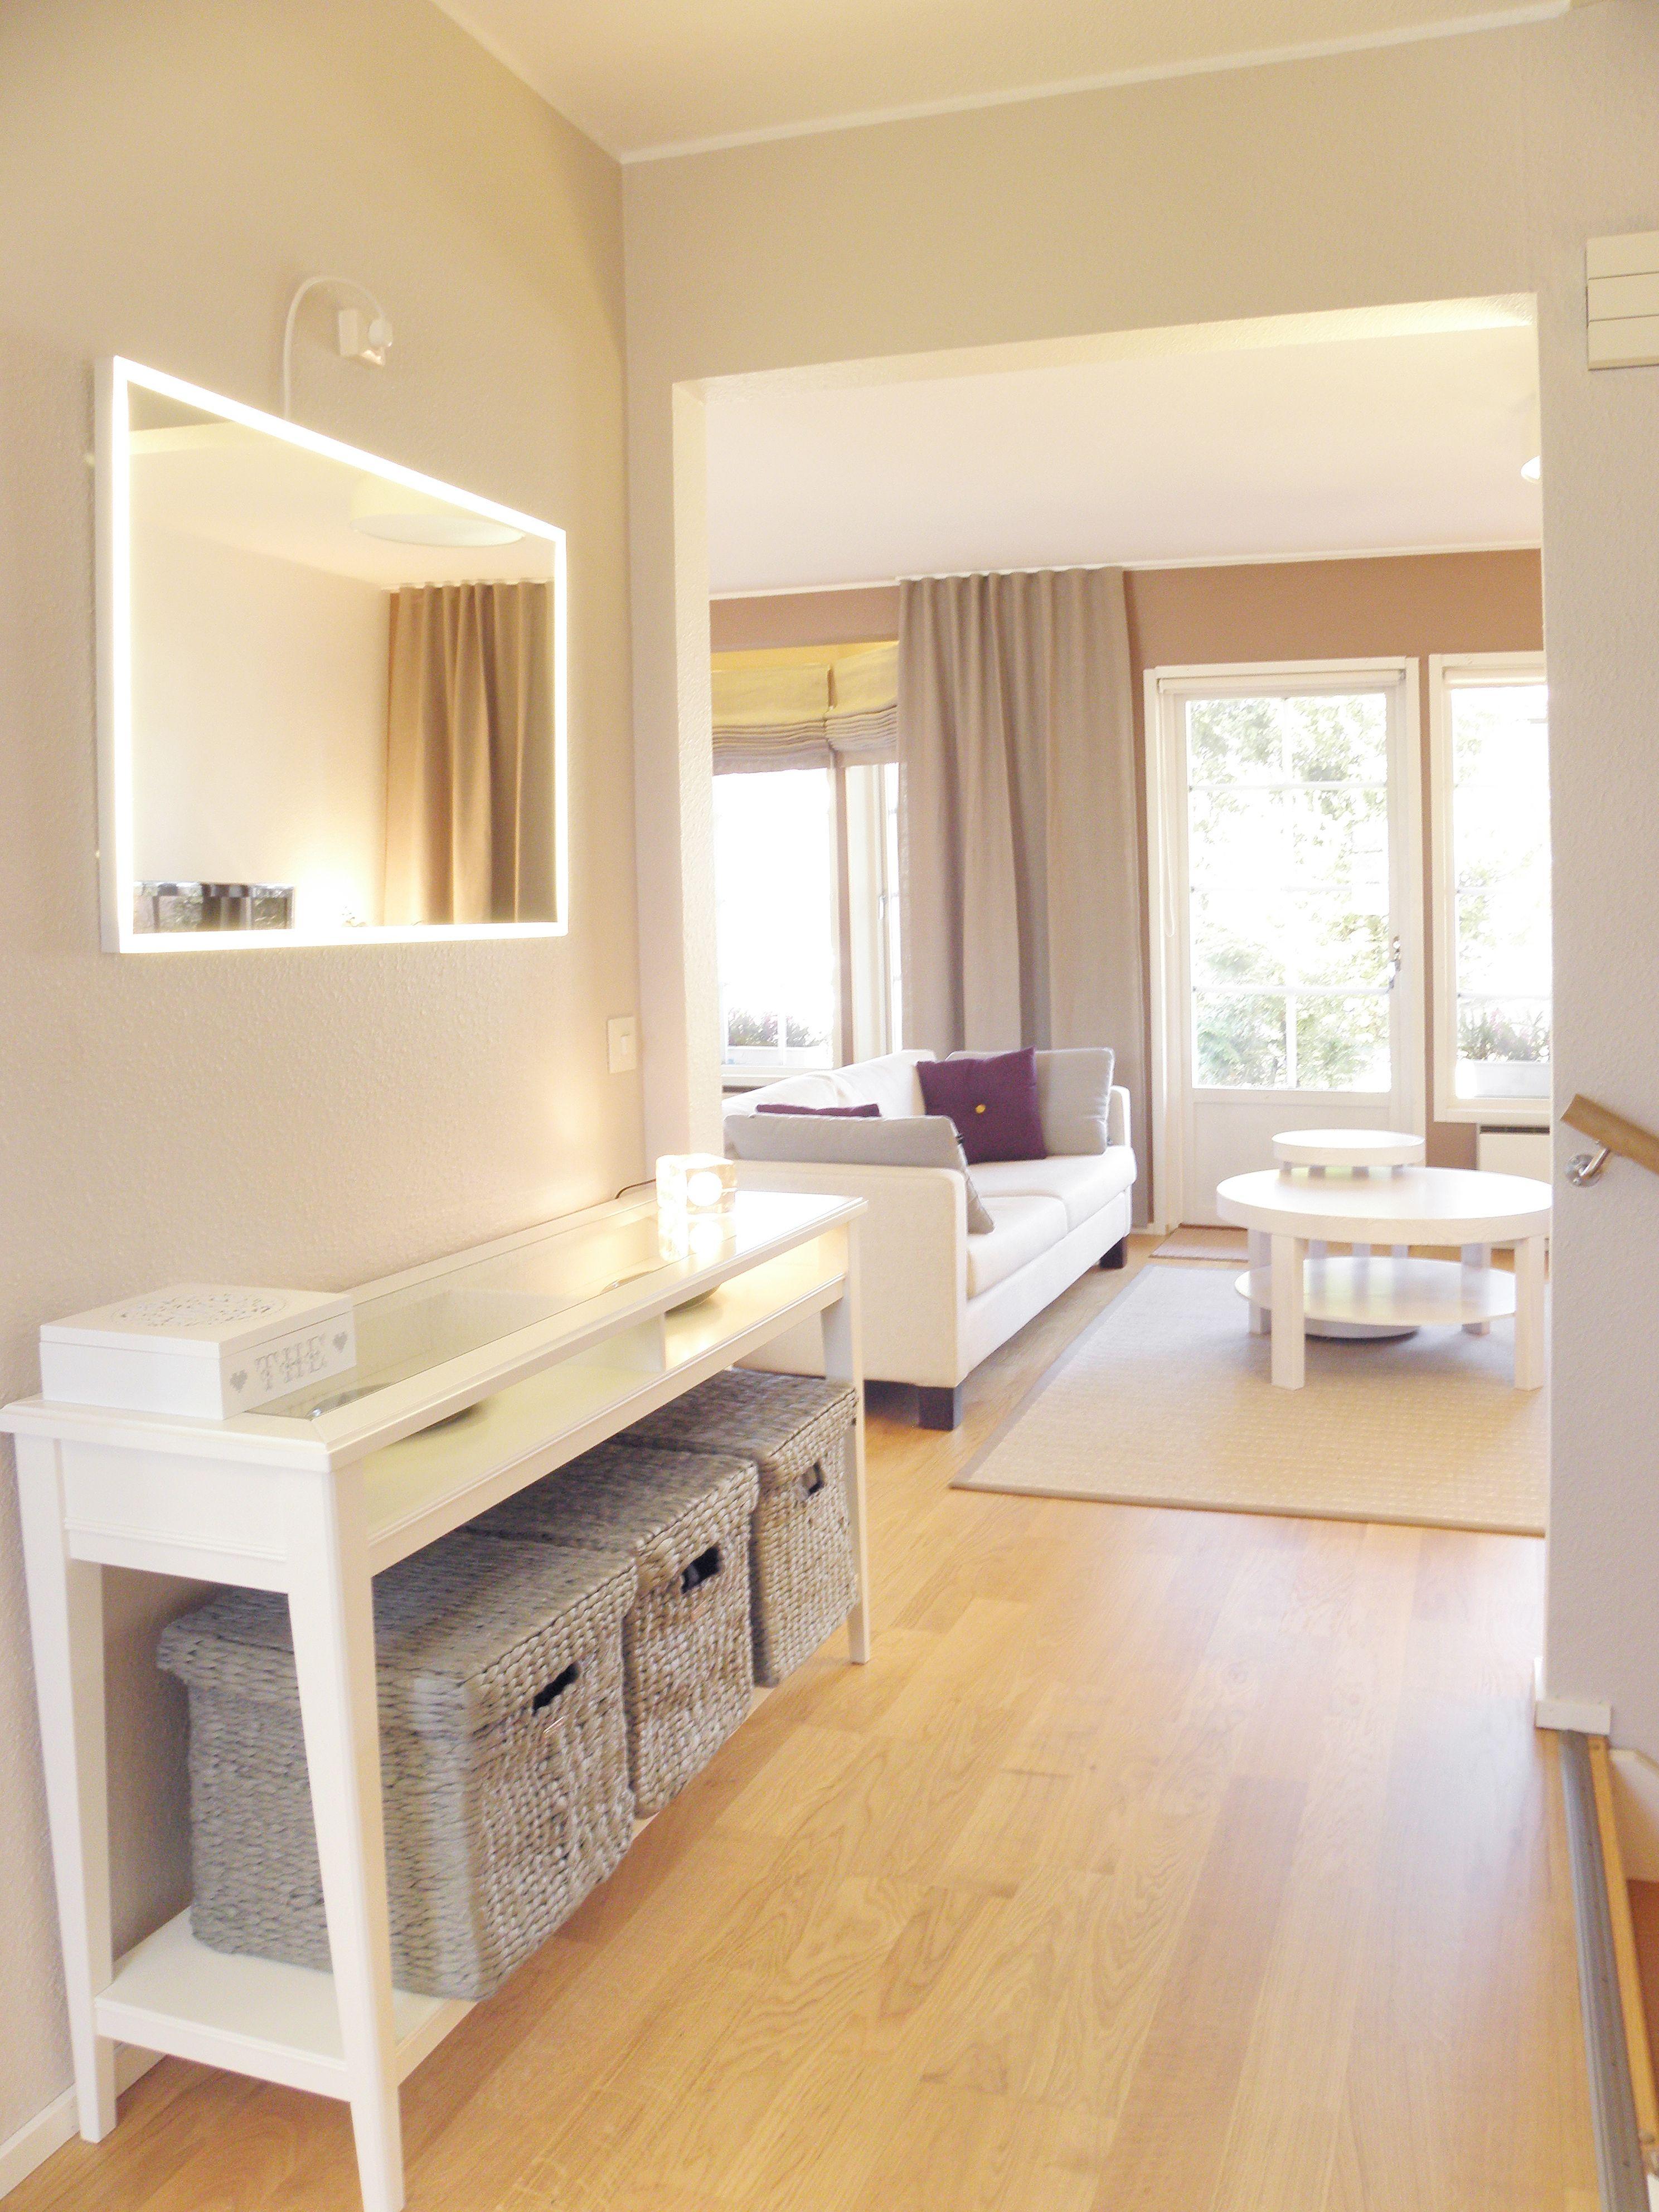 Family Apartment Hallway Interior Design Perhekoti Eteinen Sisustussuunnittelu Familjelgenhet